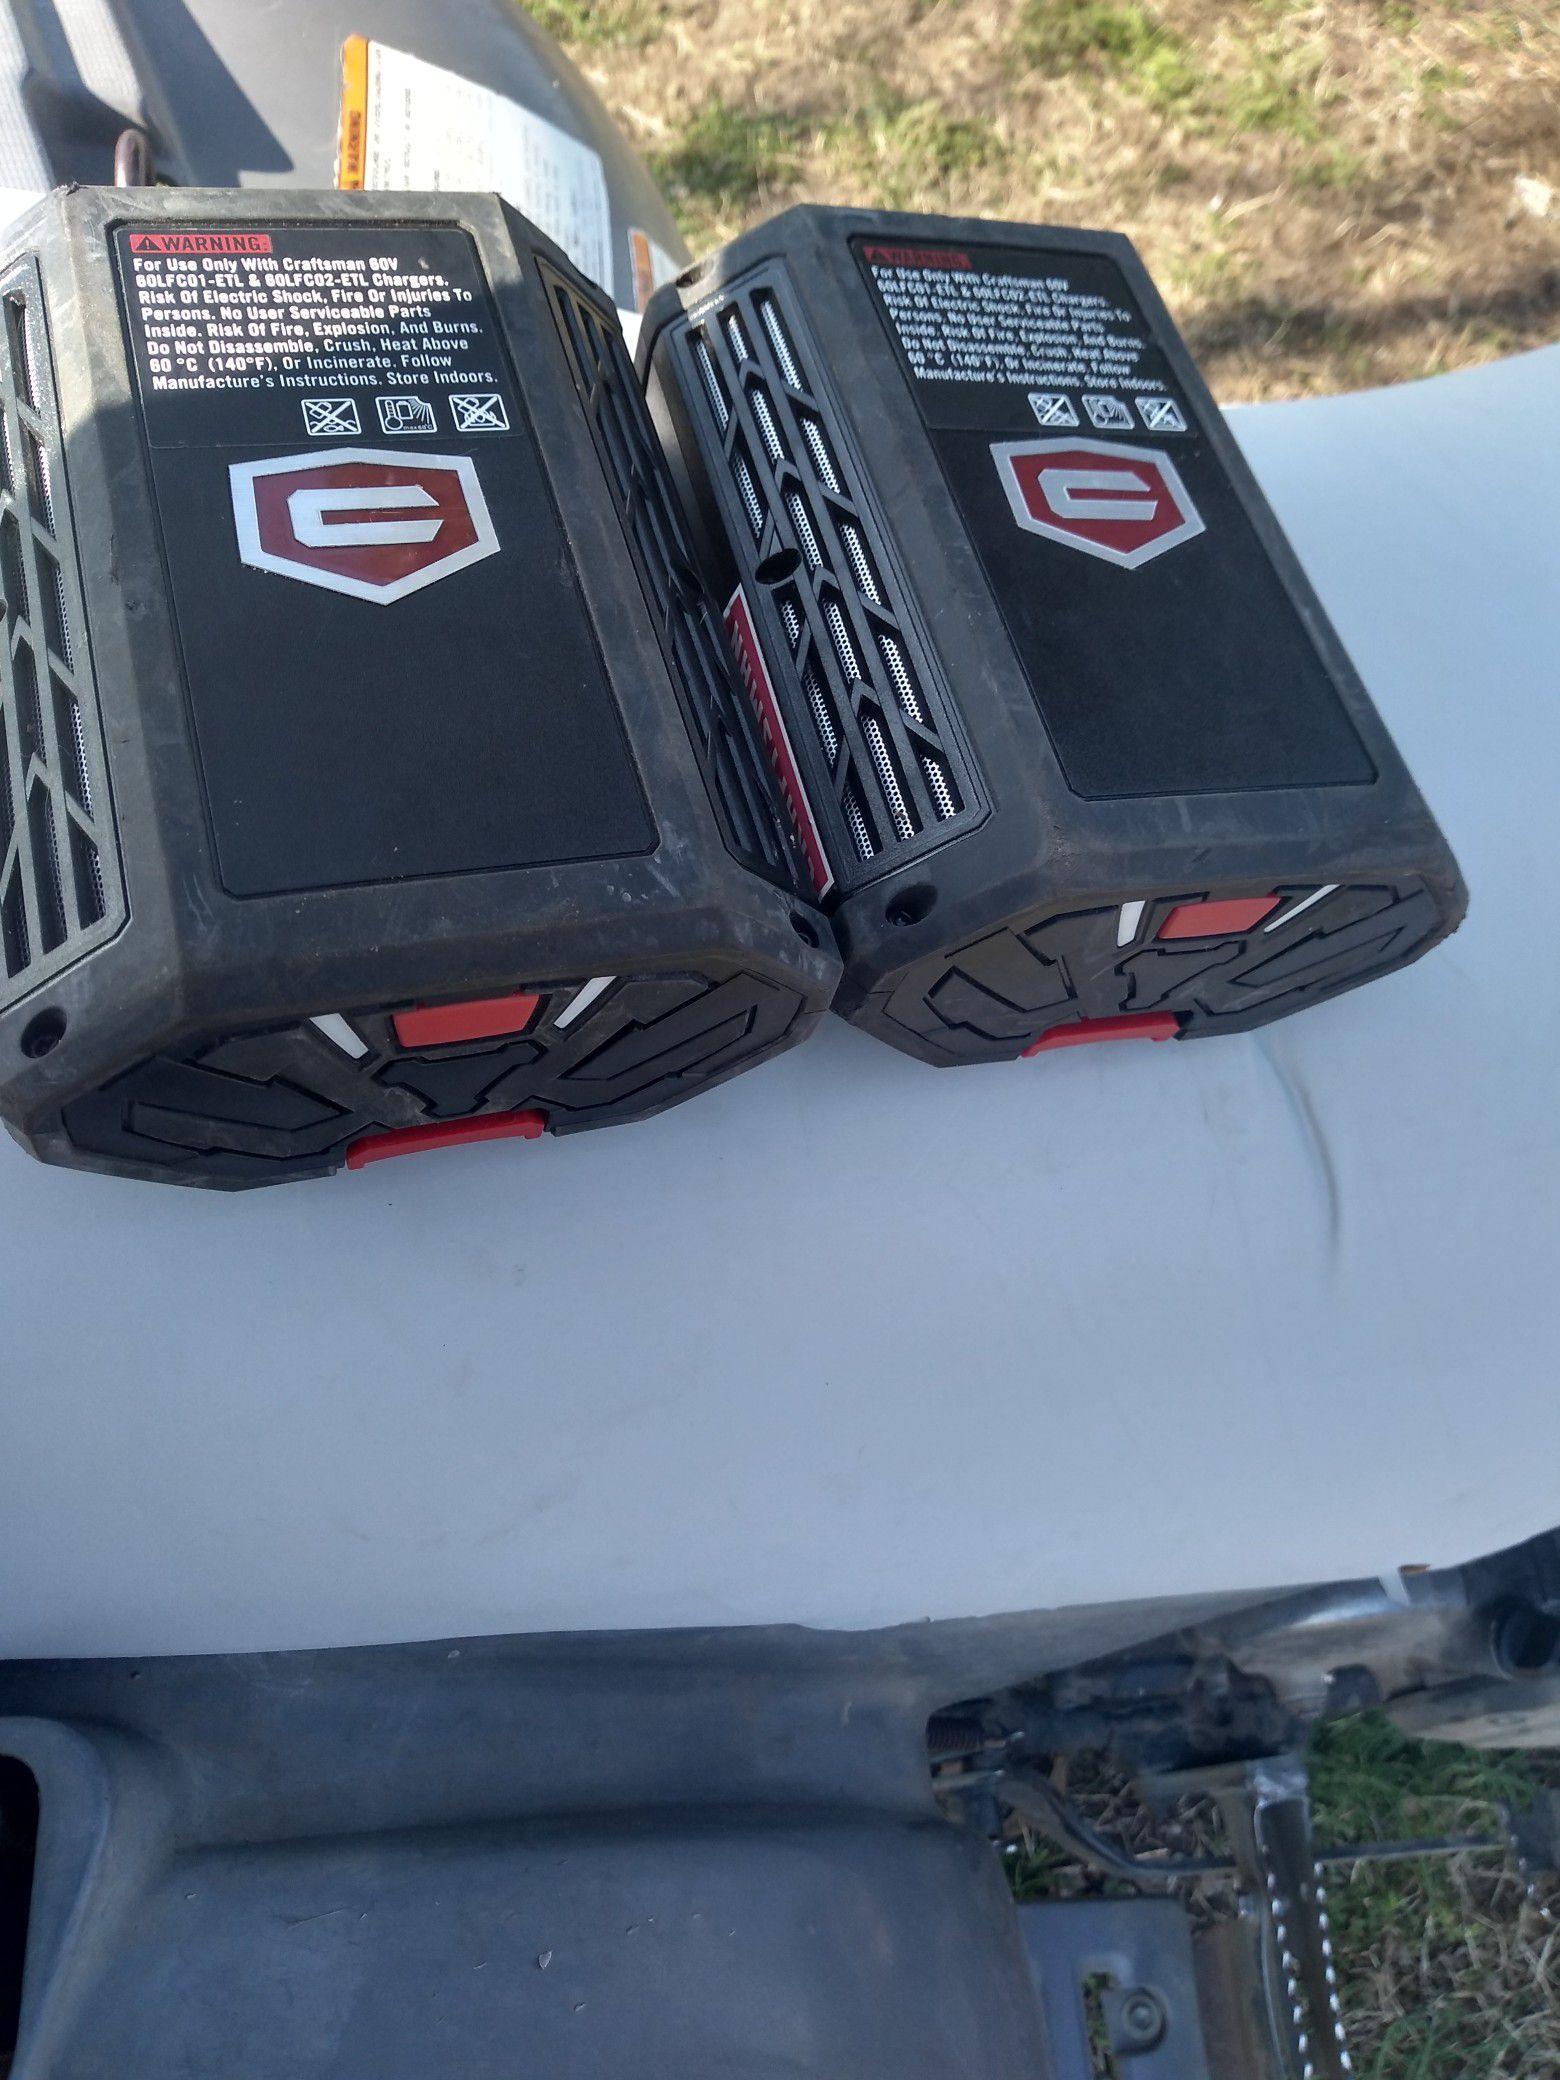 Craftsman 60v batteries